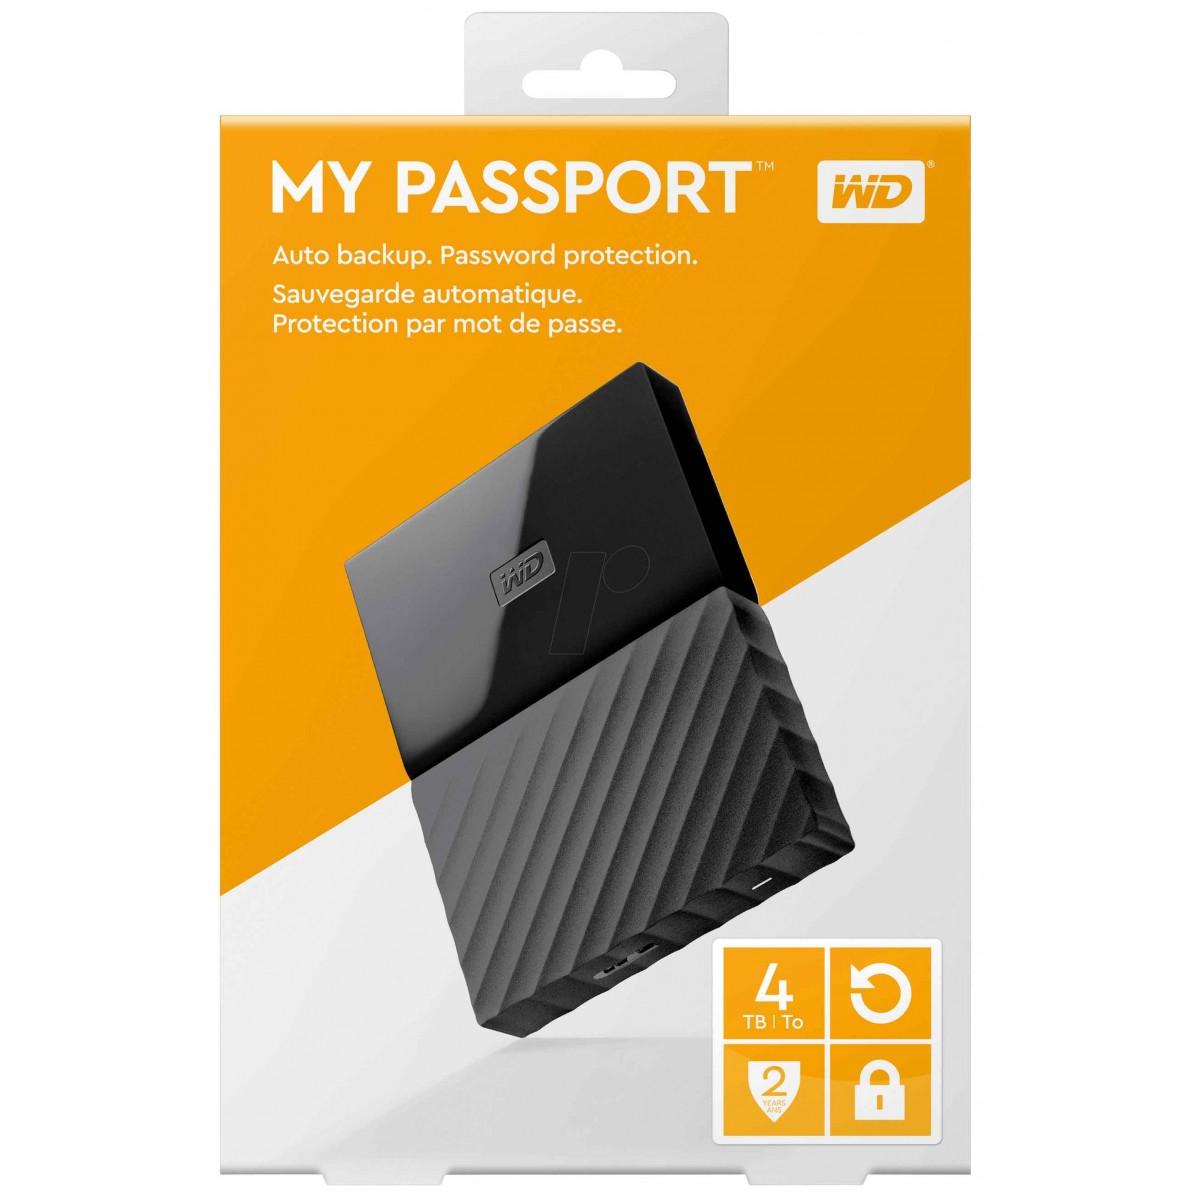 WD 4TB My Passport External USB3.0 Hard Drive